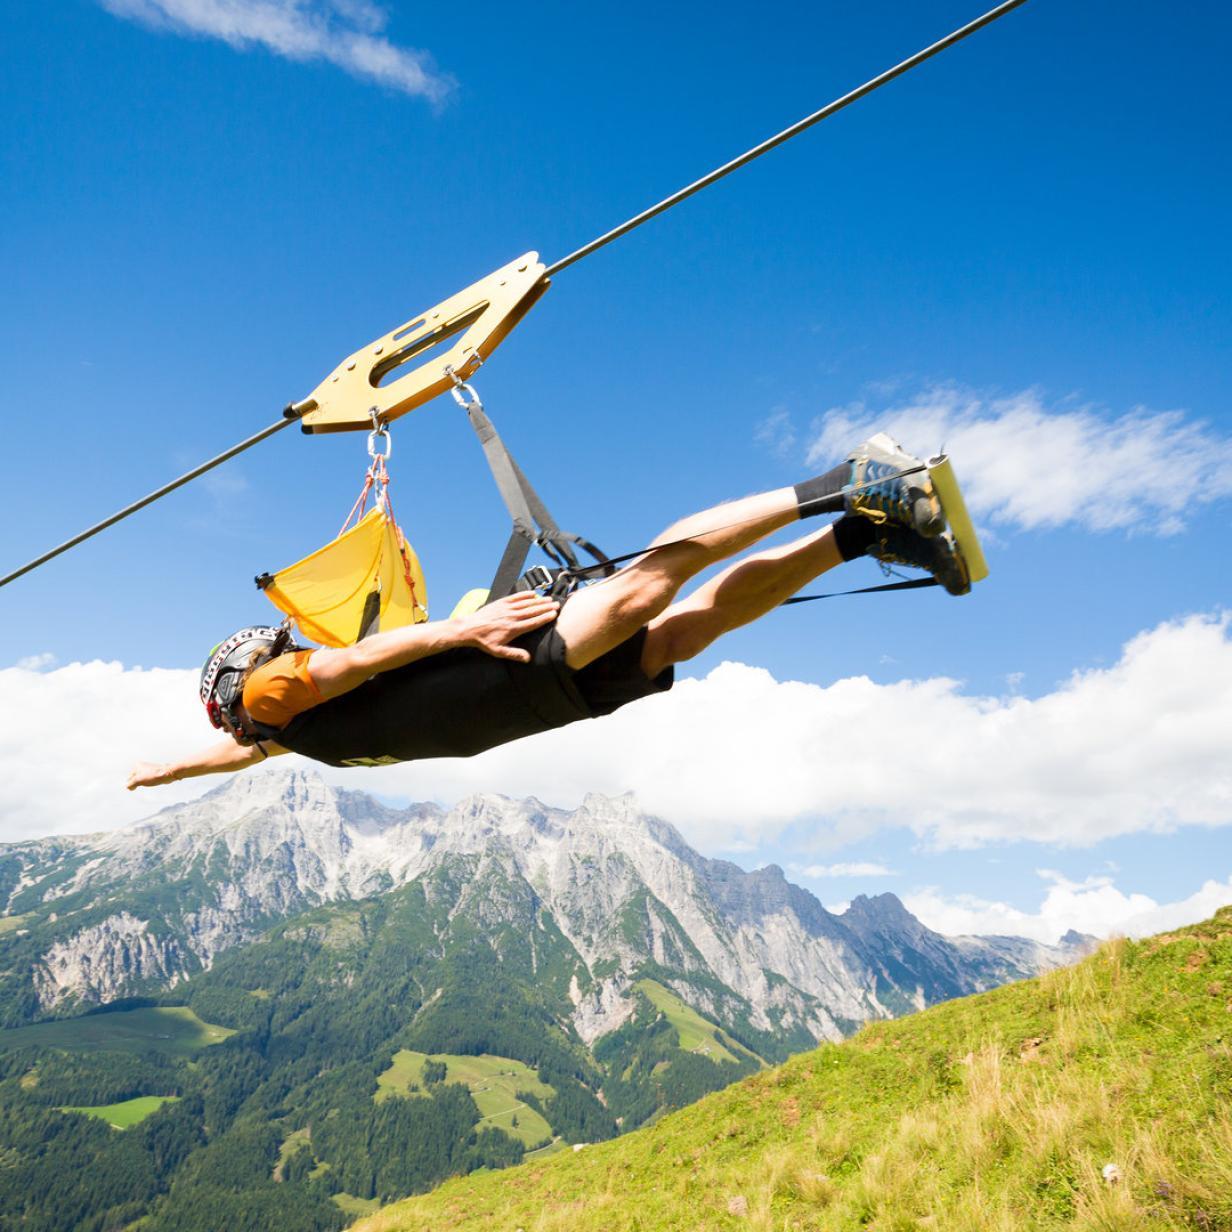 Mehr Gäste im Sommer: Attraktionen in schwindelnden Höhen